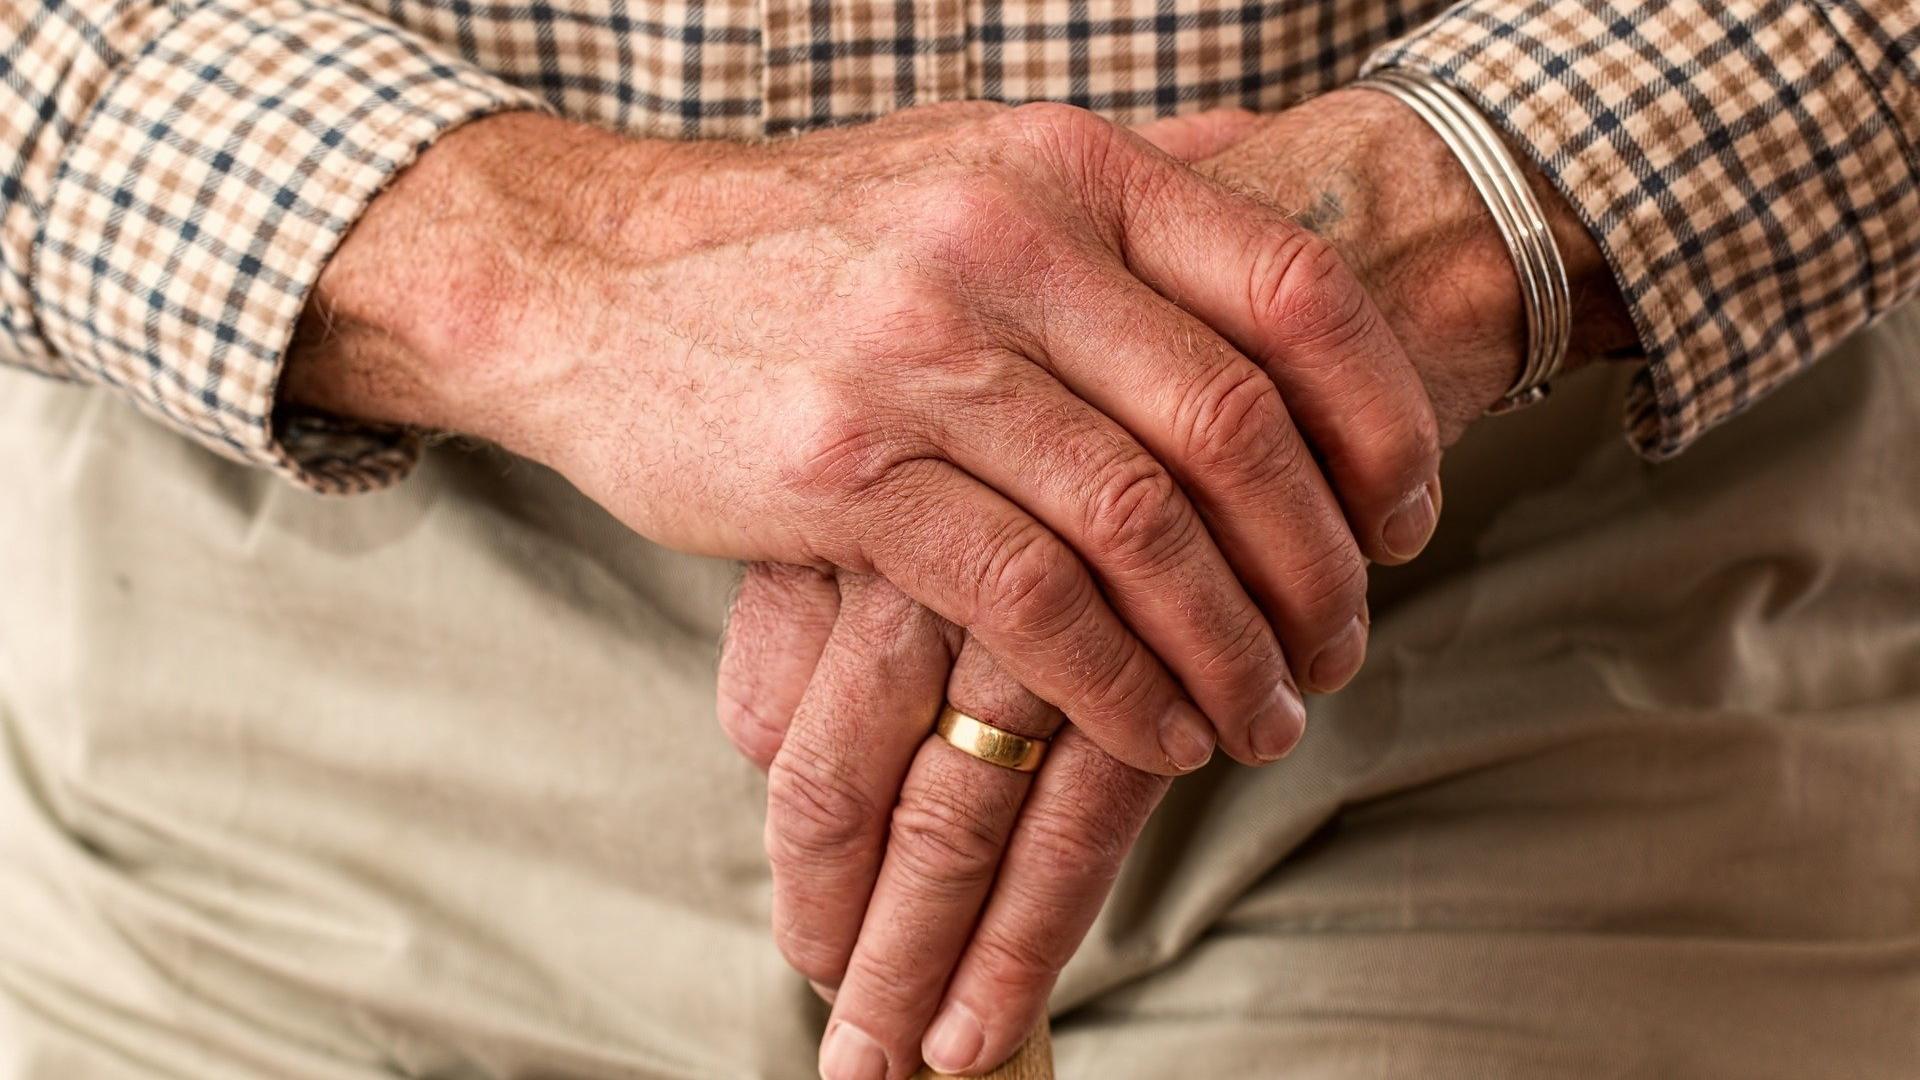 Наука: Здоровье пожилых ухудшается, когда они сталкиваются с эйджизмом 1